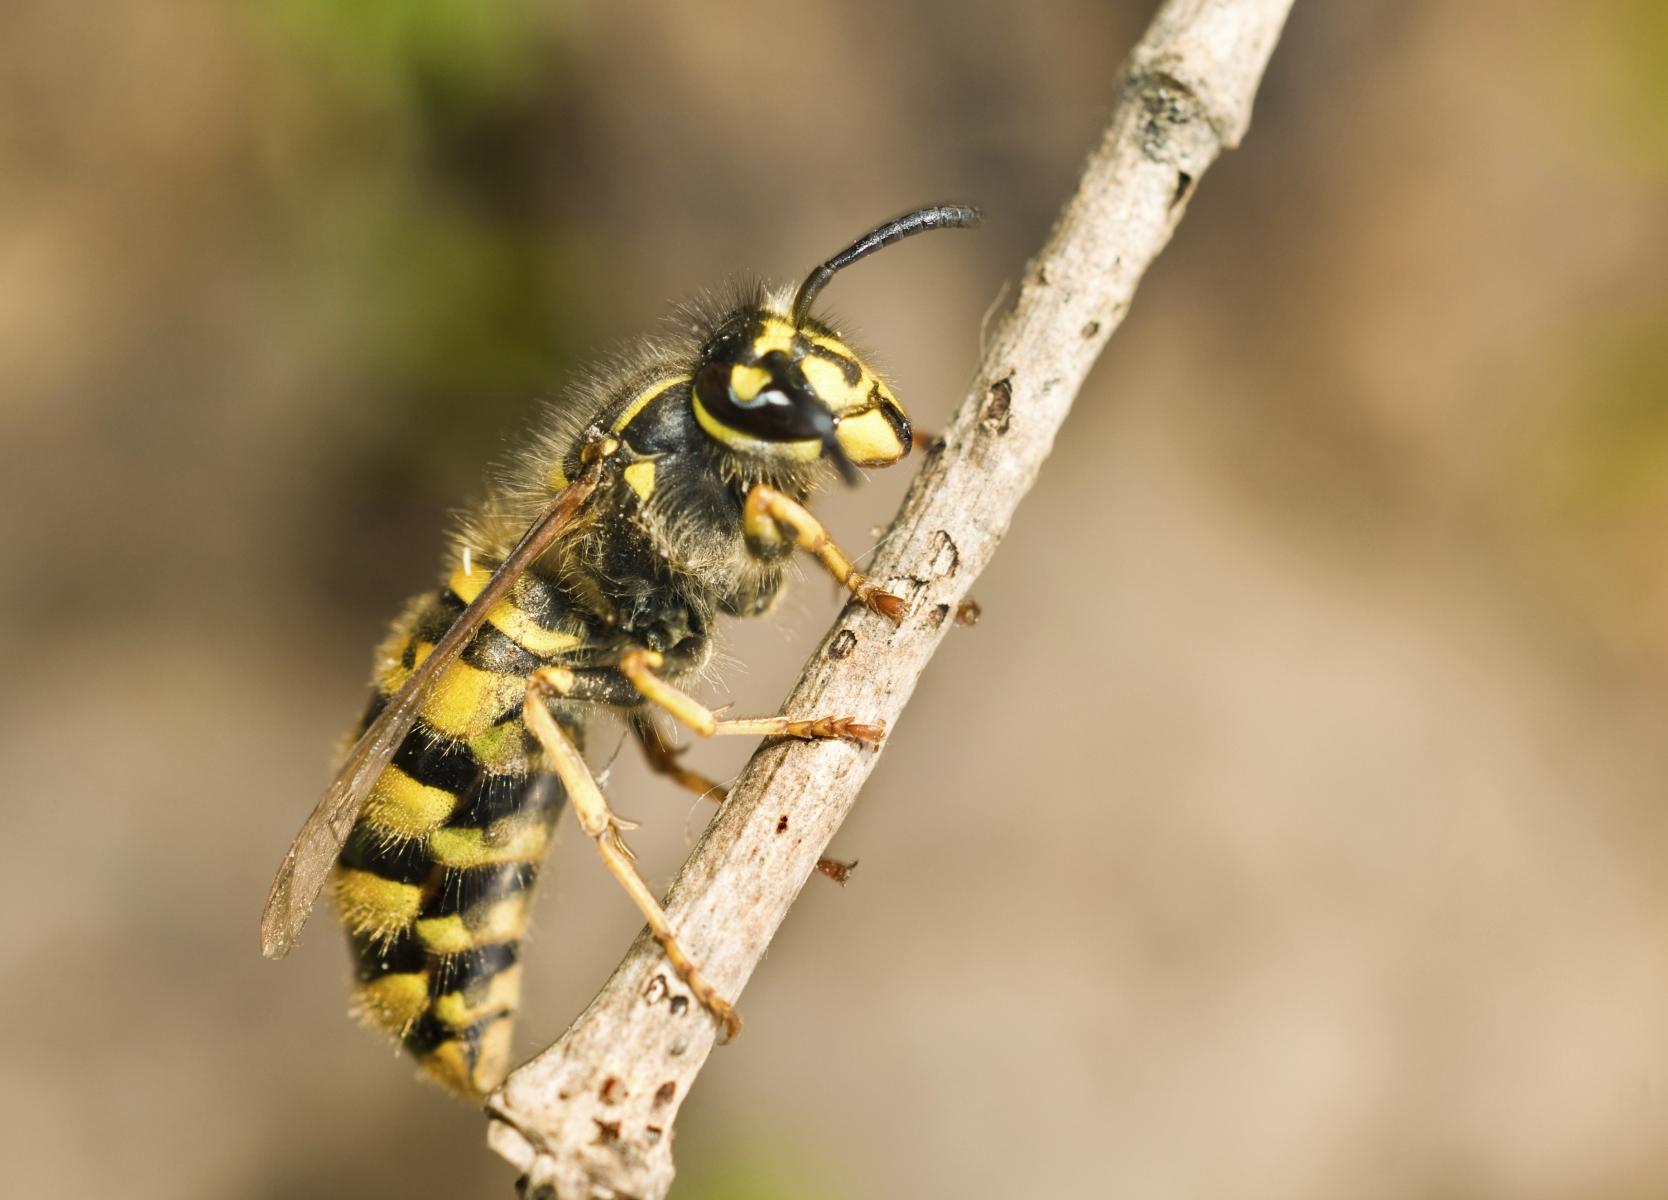 5 insectos peligrosos para los humanos   Salud180